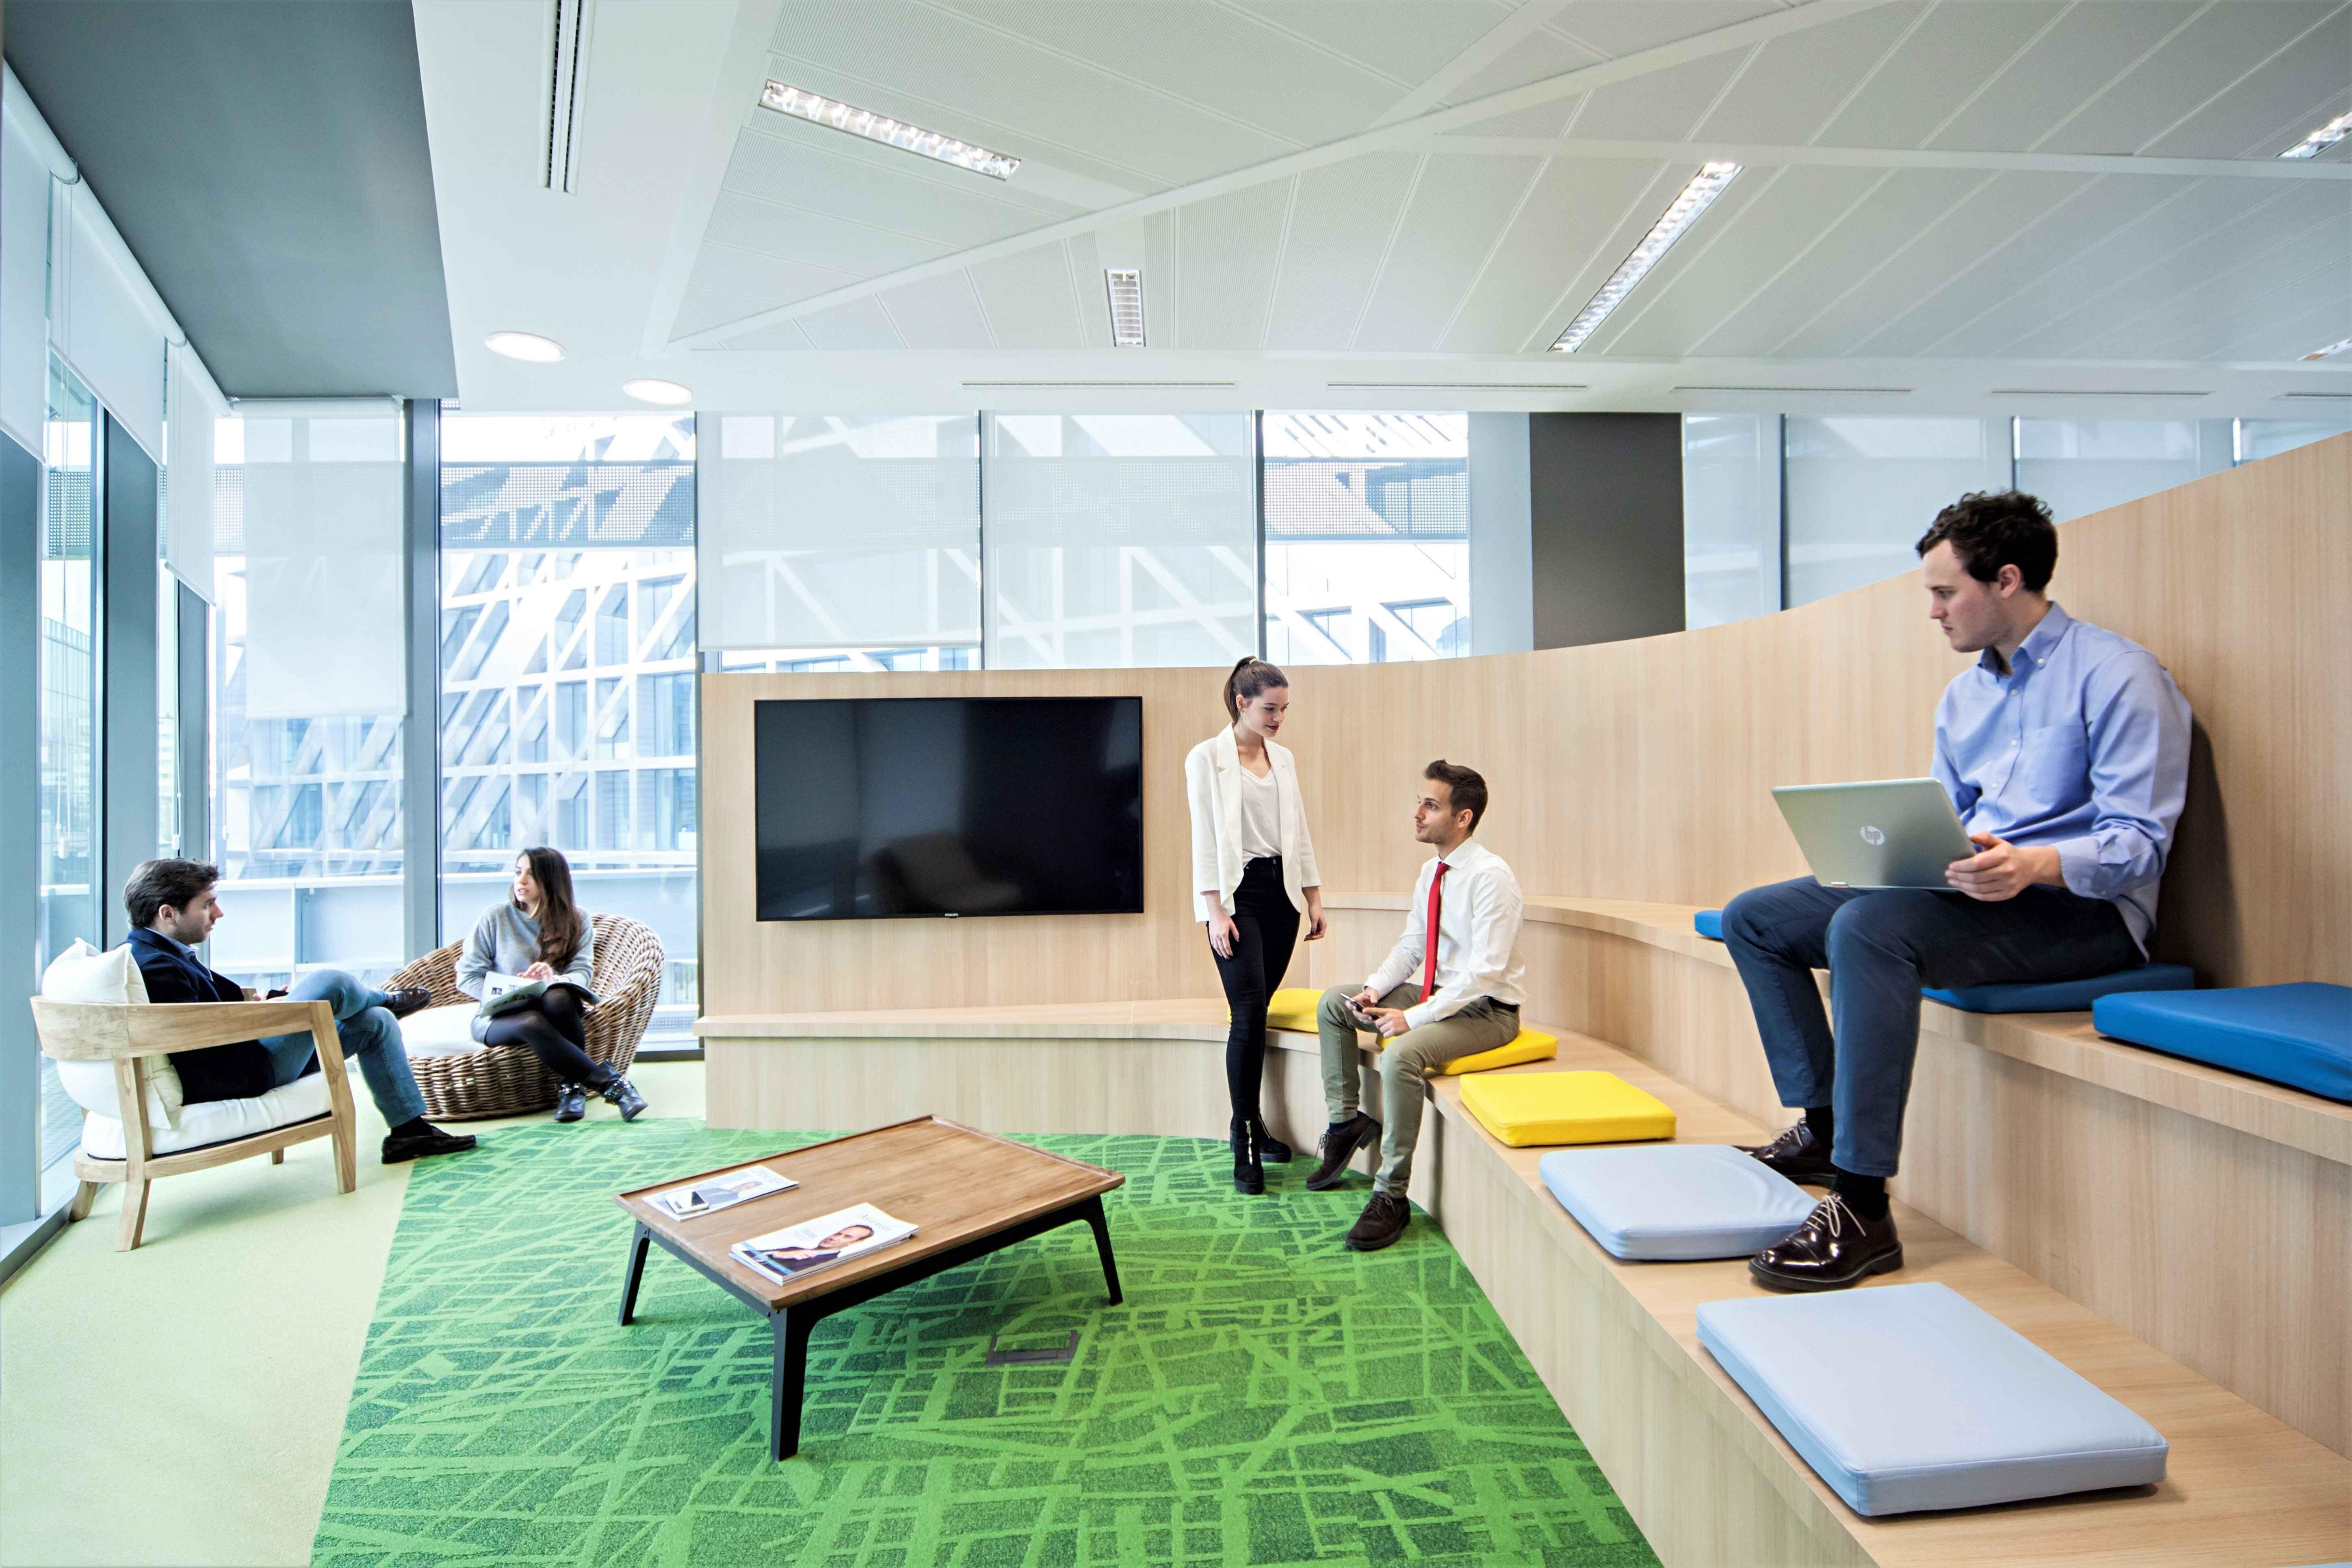 Espacios digitales el nuevo concepto de dise o y for Concepto de oficina